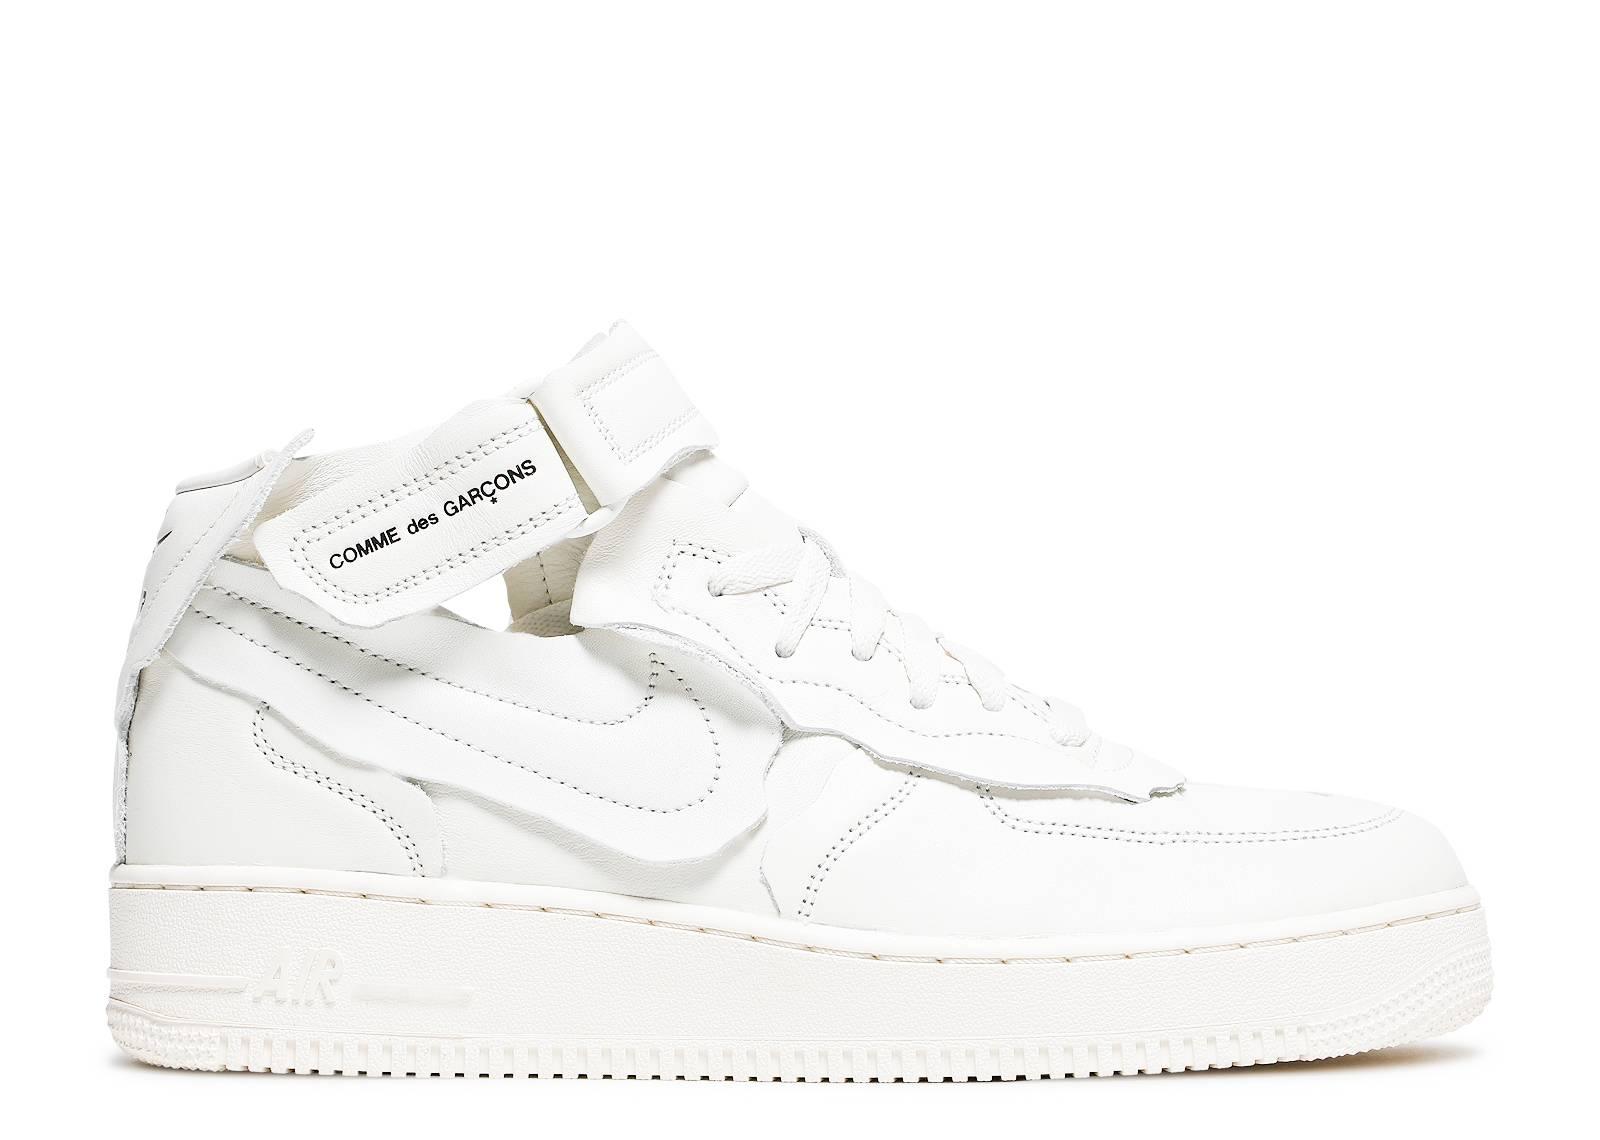 Nike Air Force 1 Mid Sneakers | Flight Club